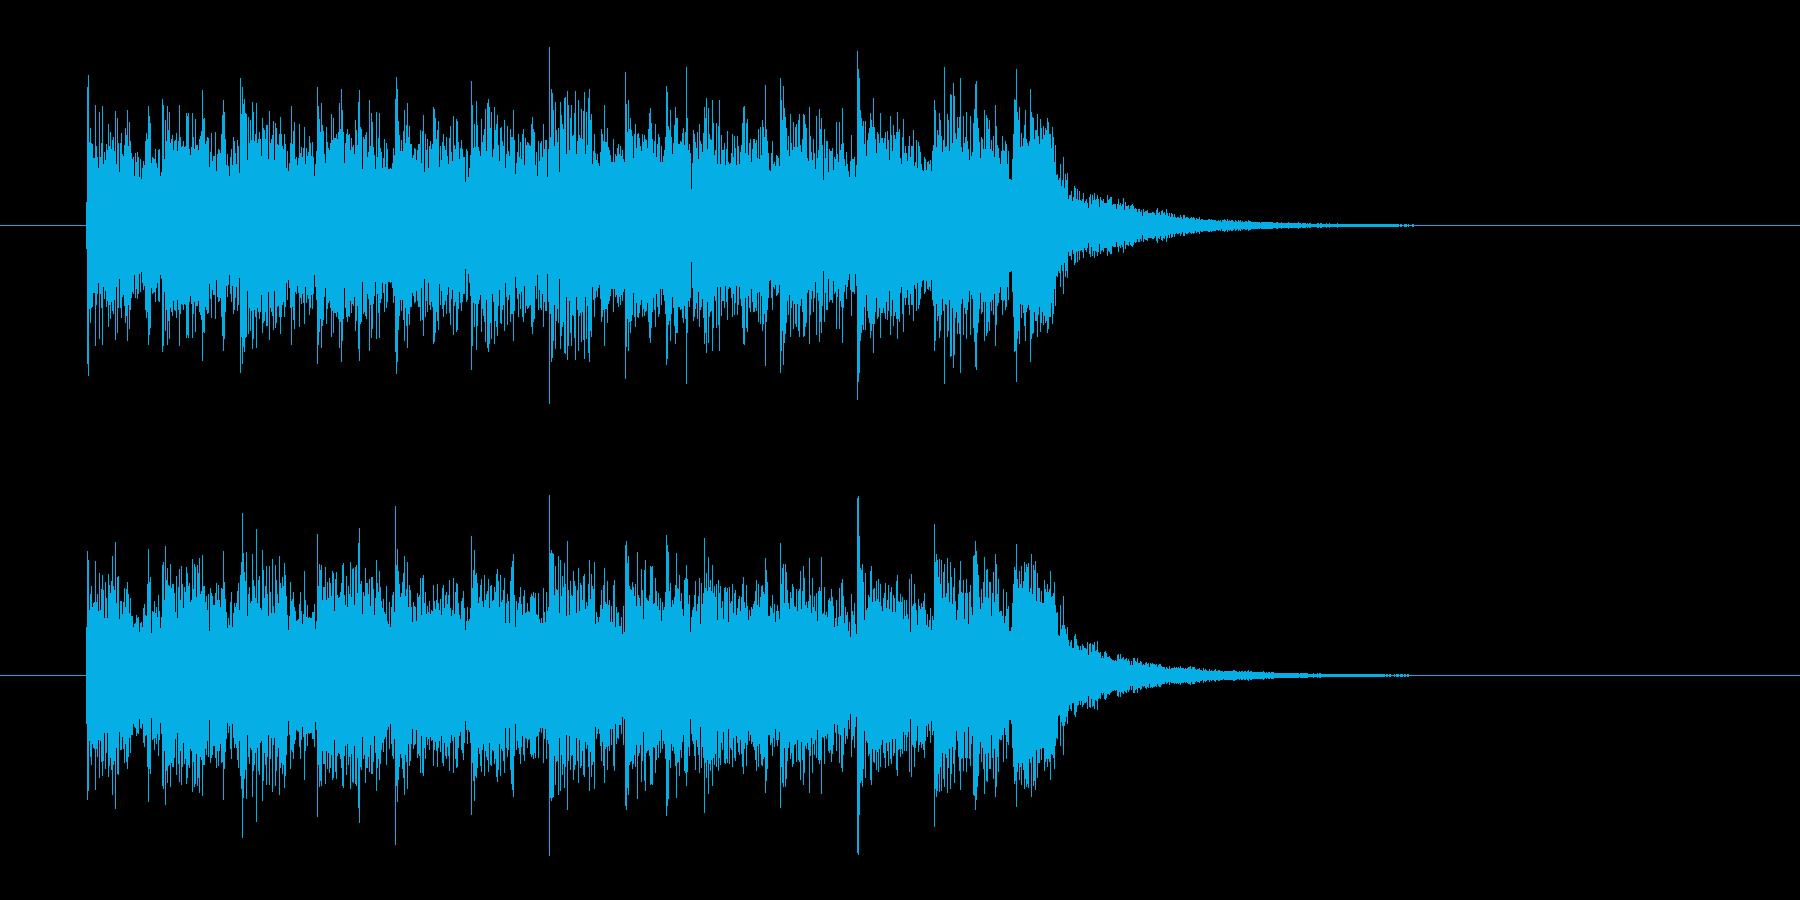 パンクロック調のジングル曲、サウンドロゴの再生済みの波形